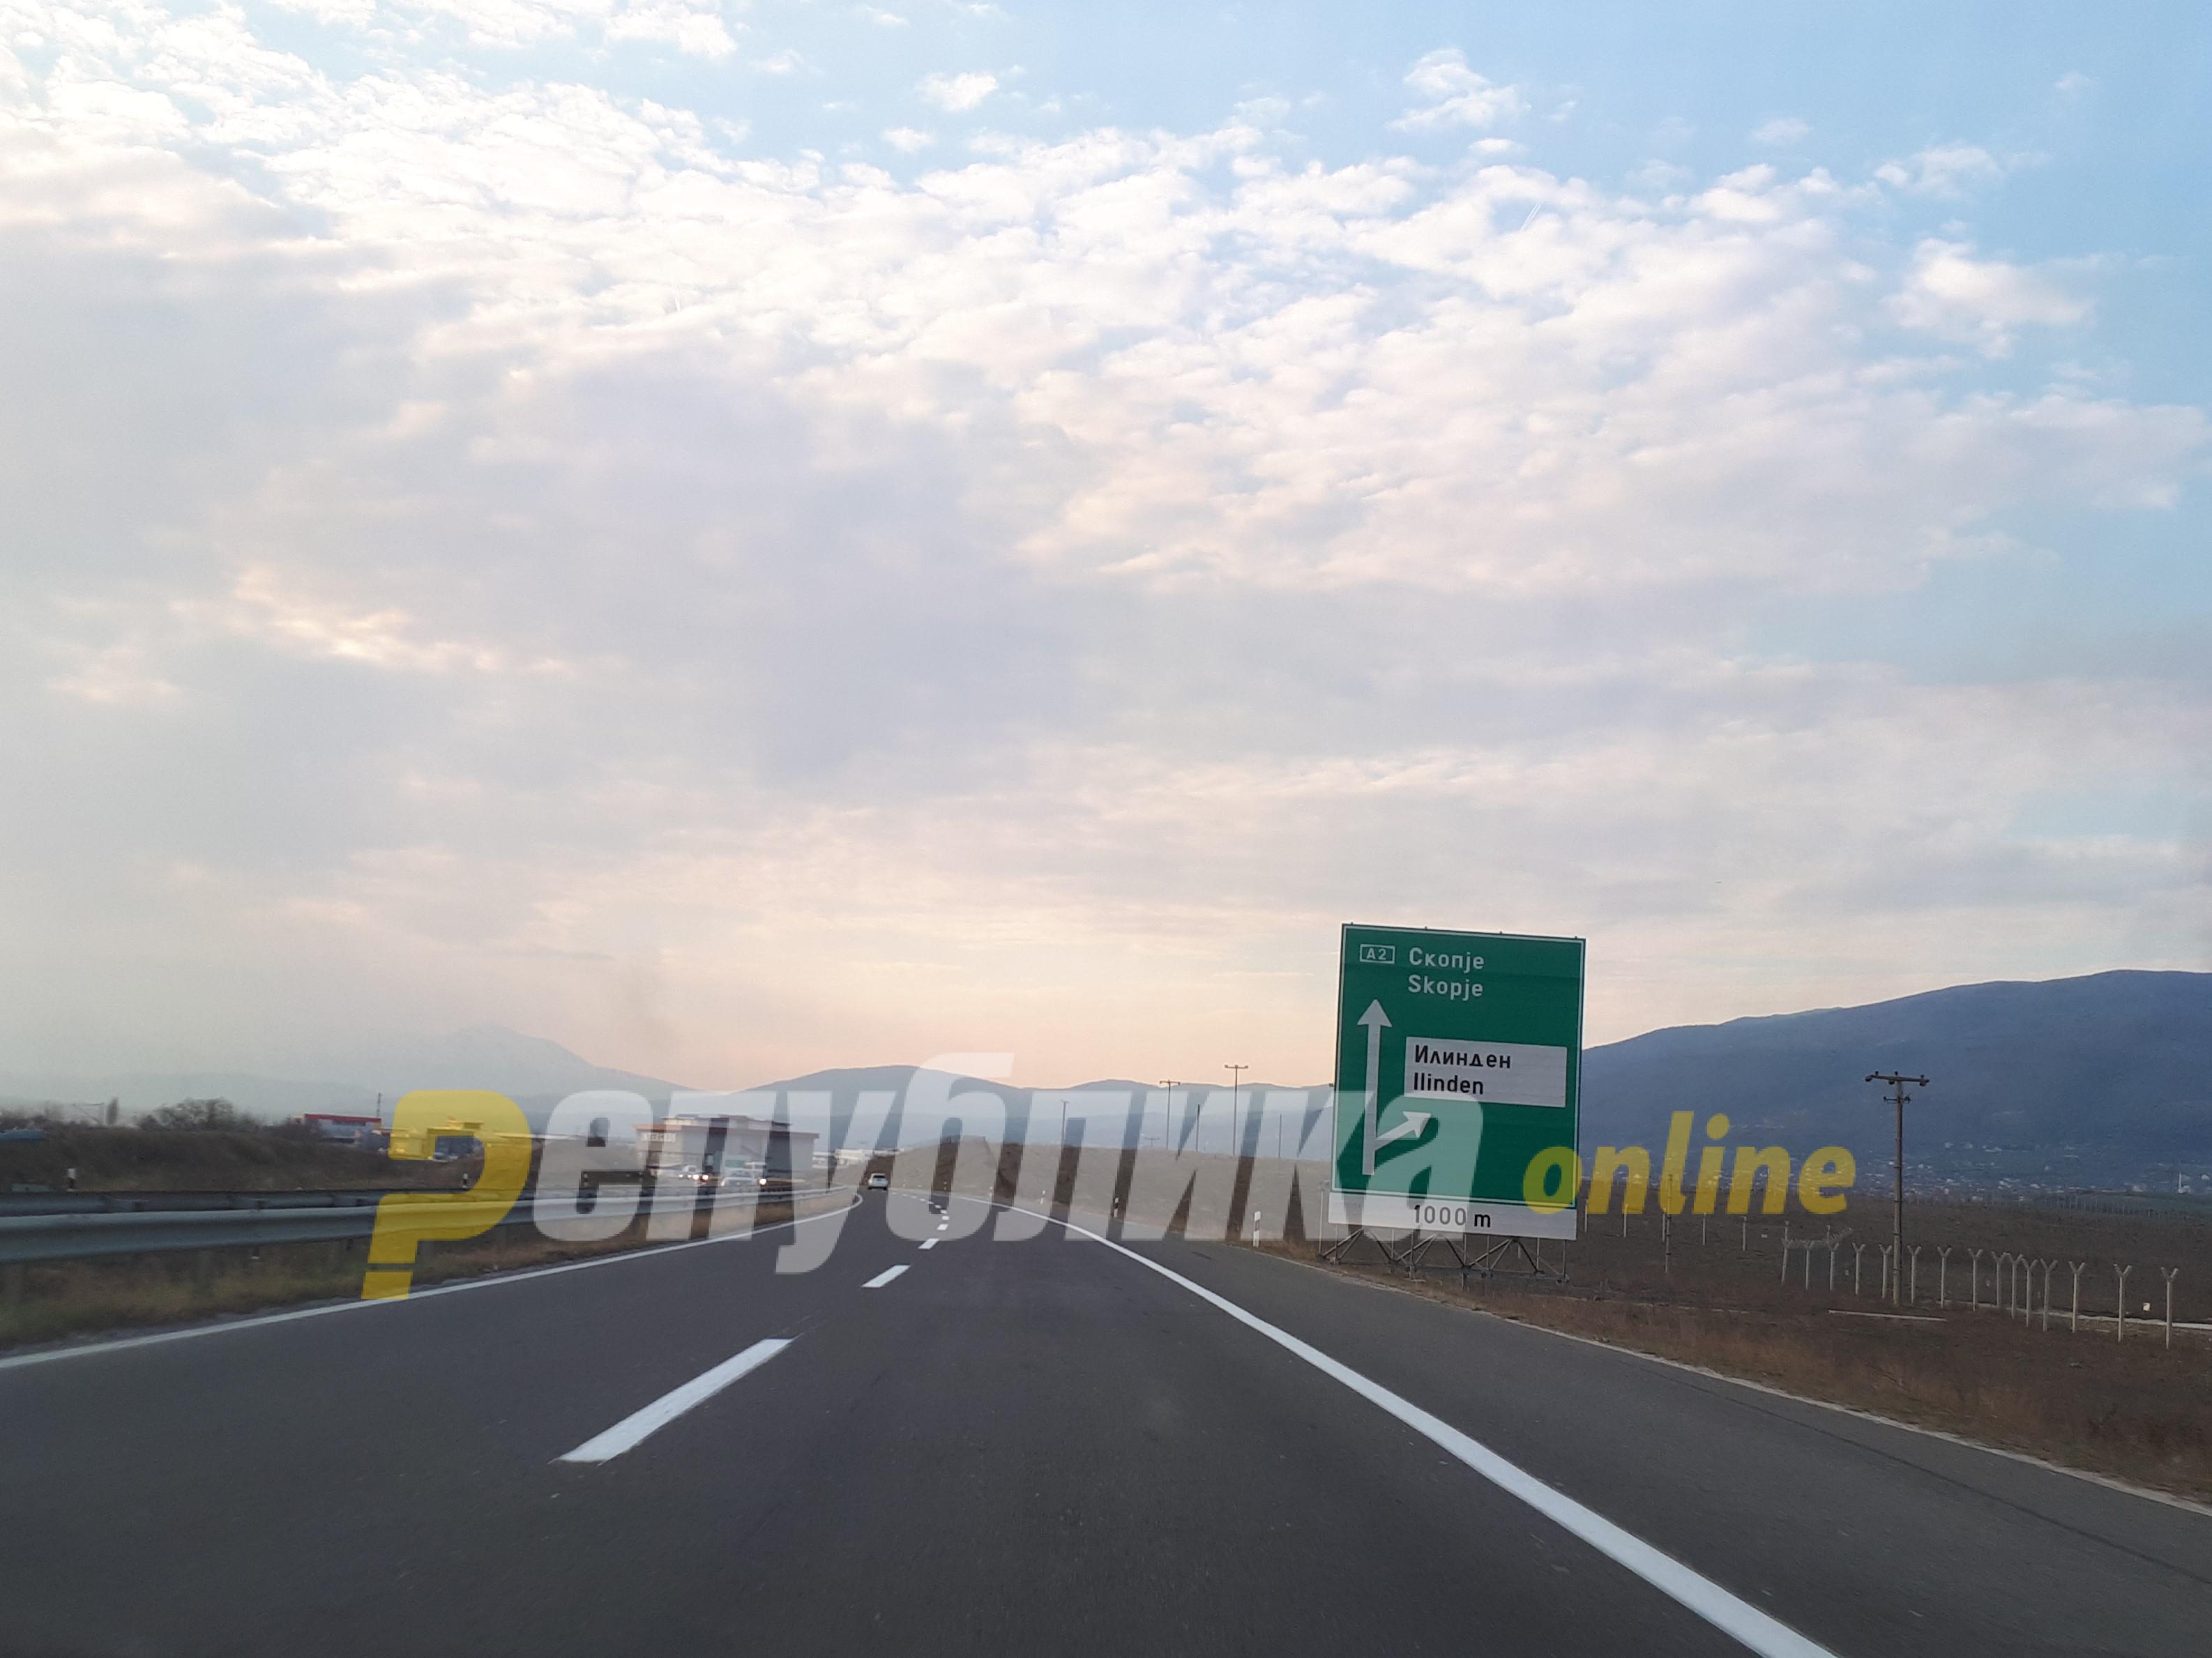 Сообраќајот умерен по суви коловози, без подолги задржувања на граничните премини